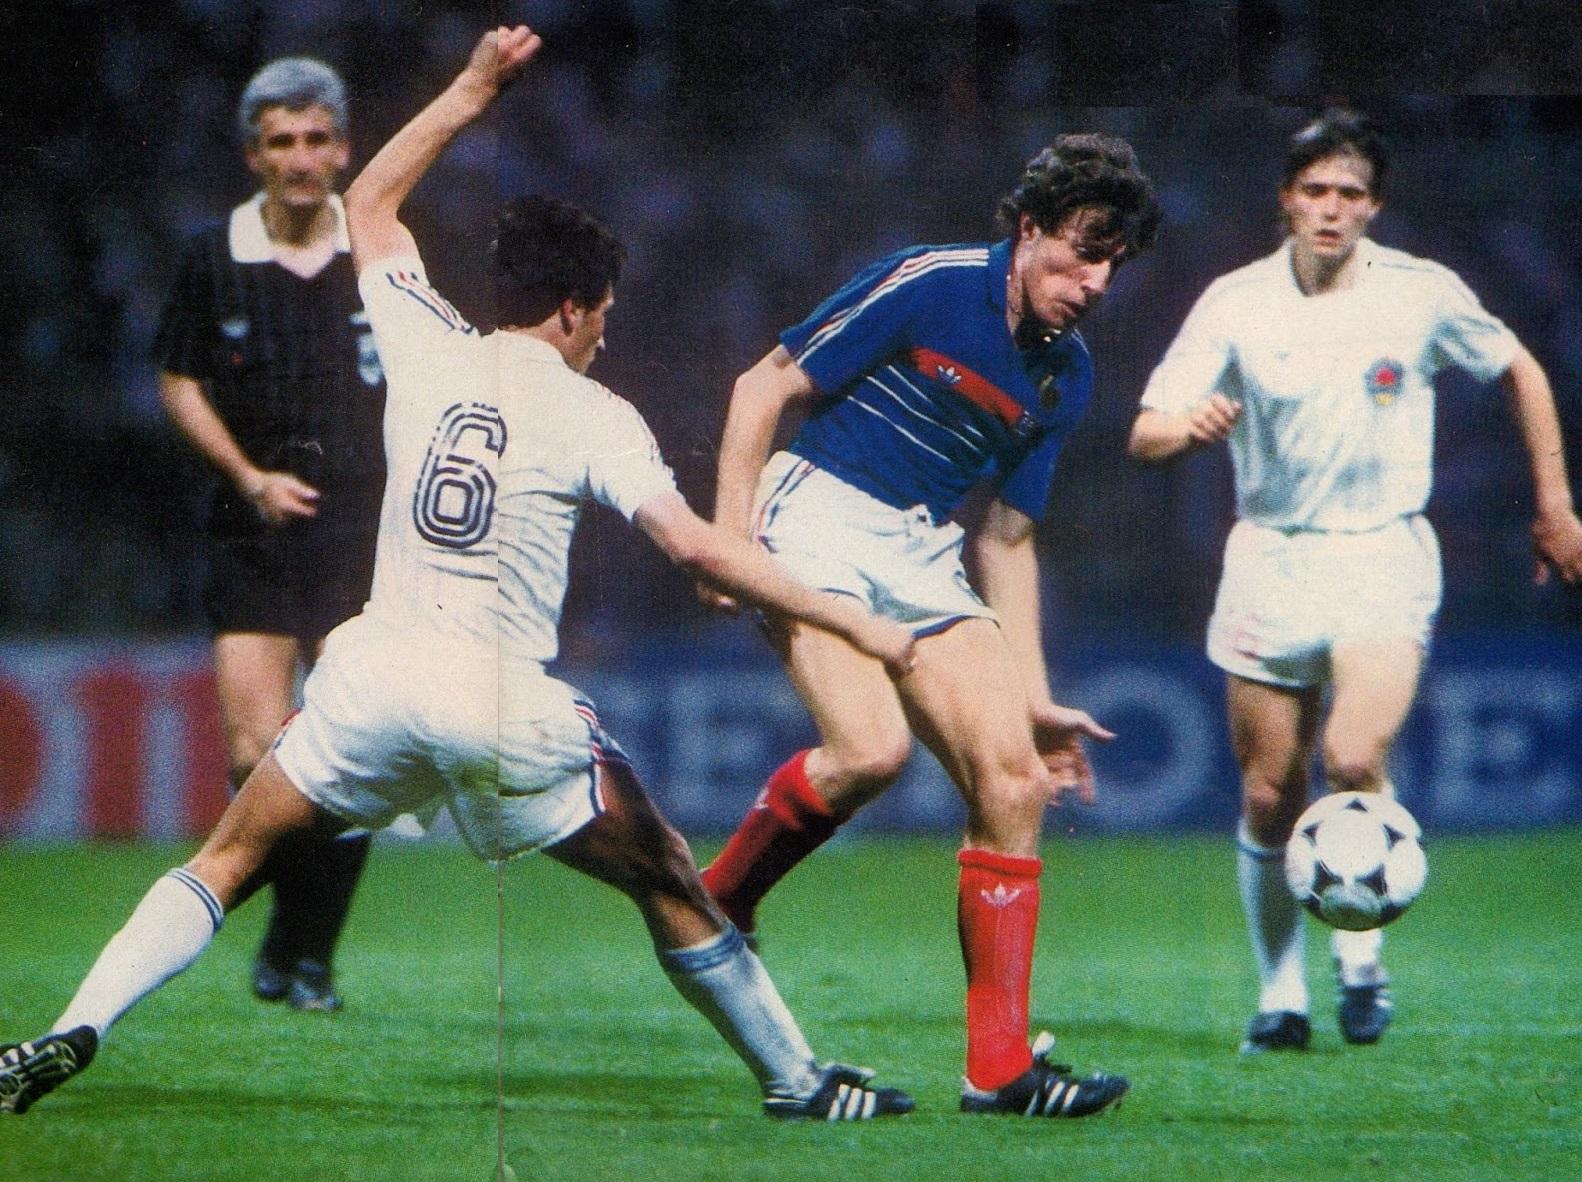 idokapszula_1984_franciaorszagi_labdarugo_europa-bajnoksag_csoportkorok_franciaorszag_jugoszlavia_luis_fernandez_radanovics_dragan_sztojkovics.jpg